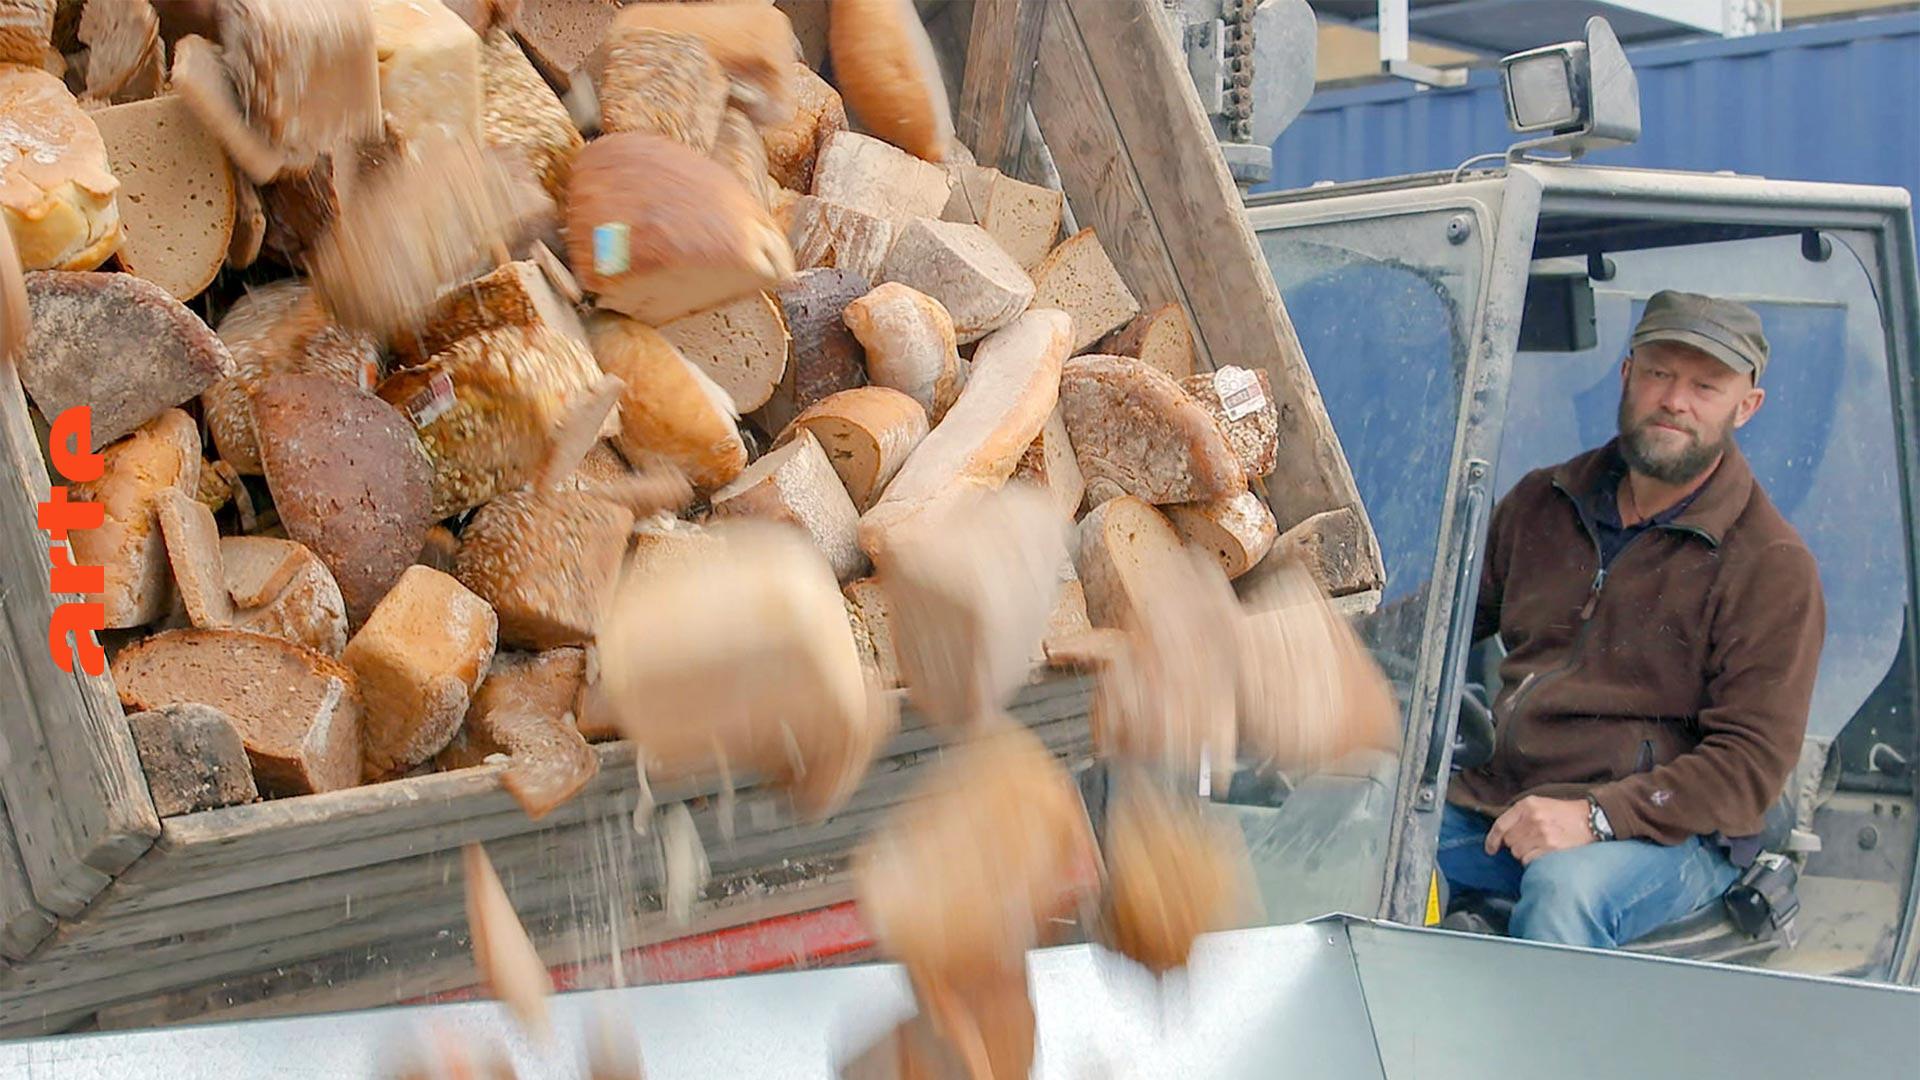 ARTE Regards - Le pain, cet aliment que l'on transforme - Regarder le documentaire complet | ARTE